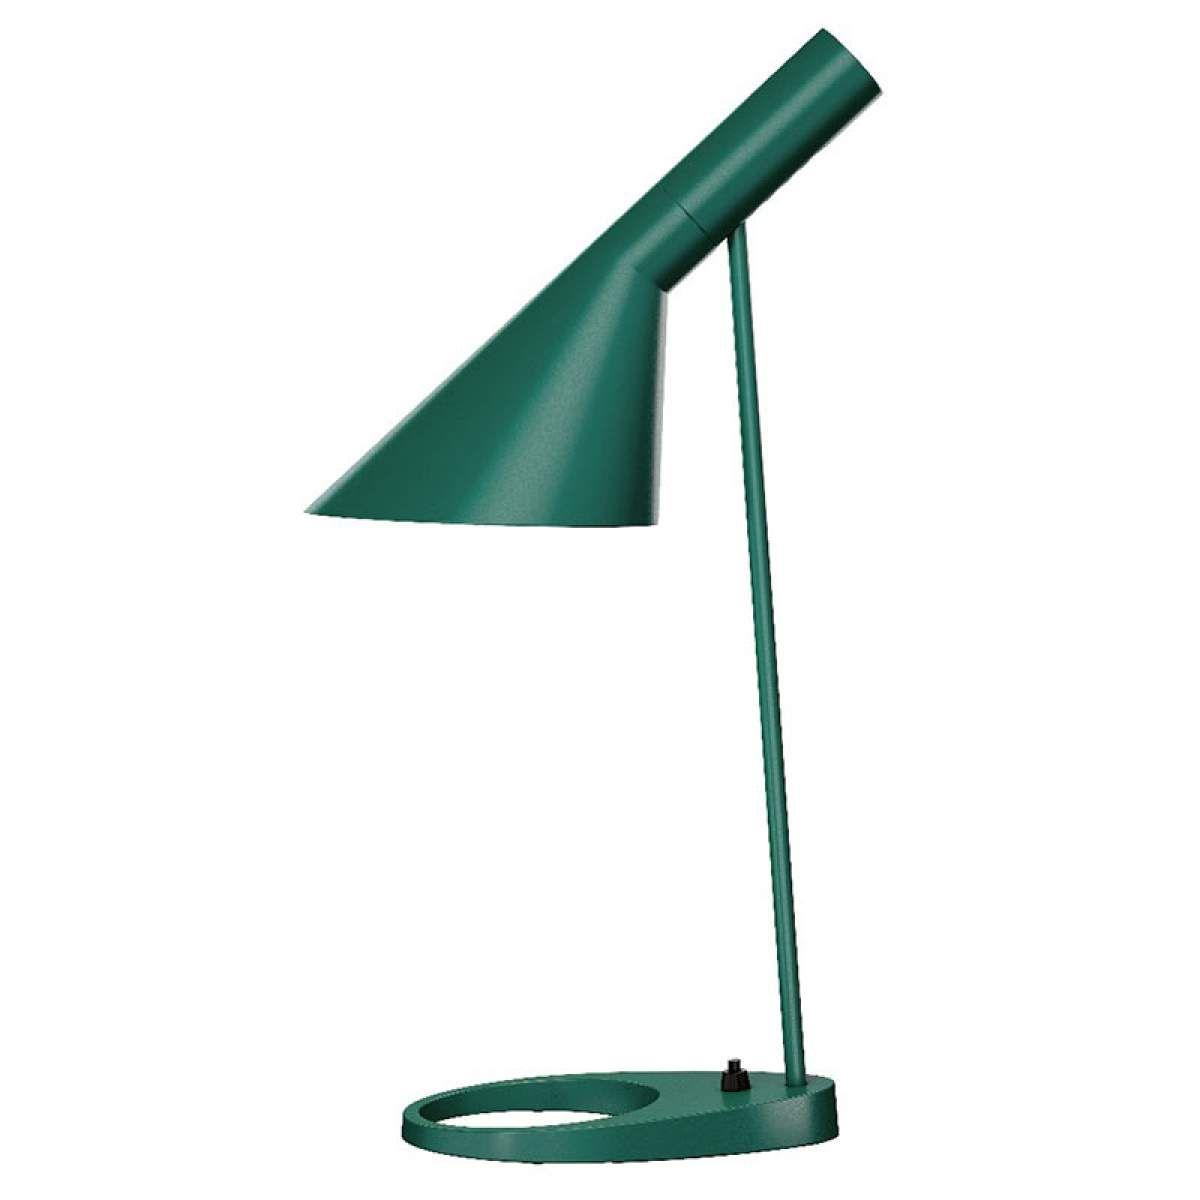 louis poulsen aj lampe poser design vertelampe. Black Bedroom Furniture Sets. Home Design Ideas